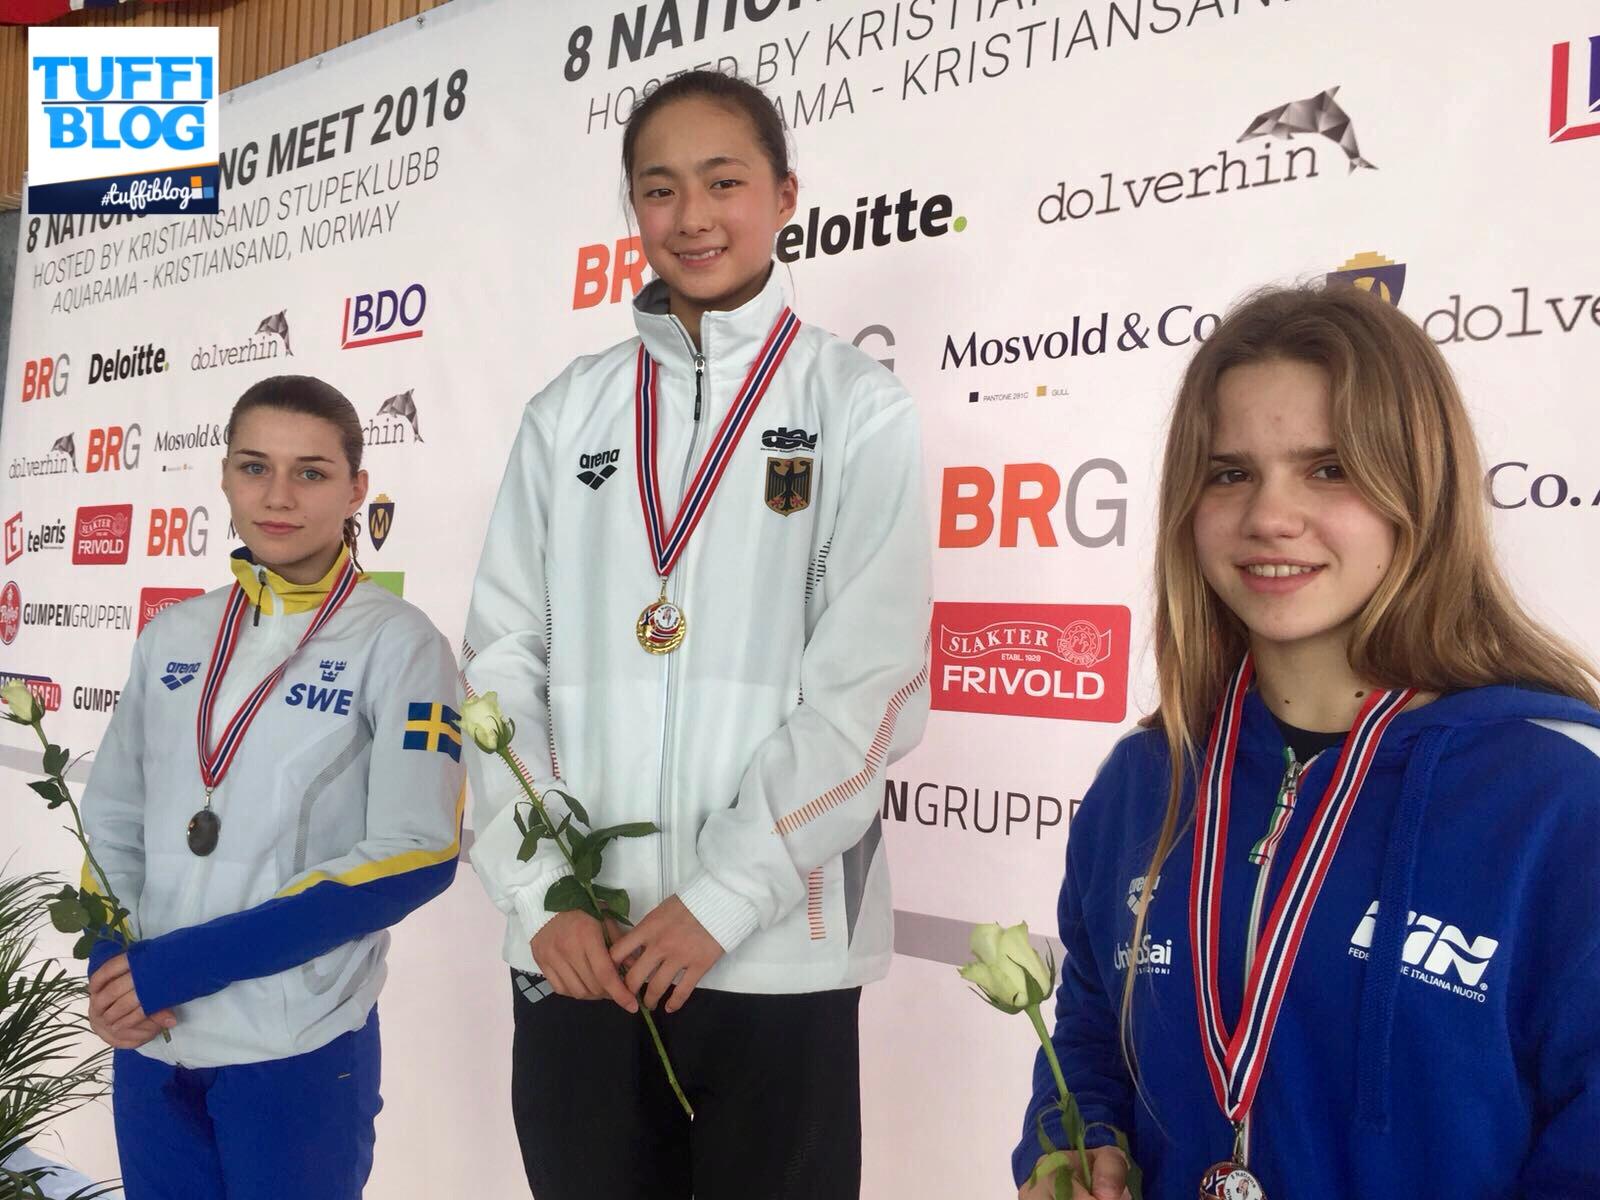 8 Nazioni Giovanile: Kristiansand – bronzo Biginelli, risultati e video delle prime gare!